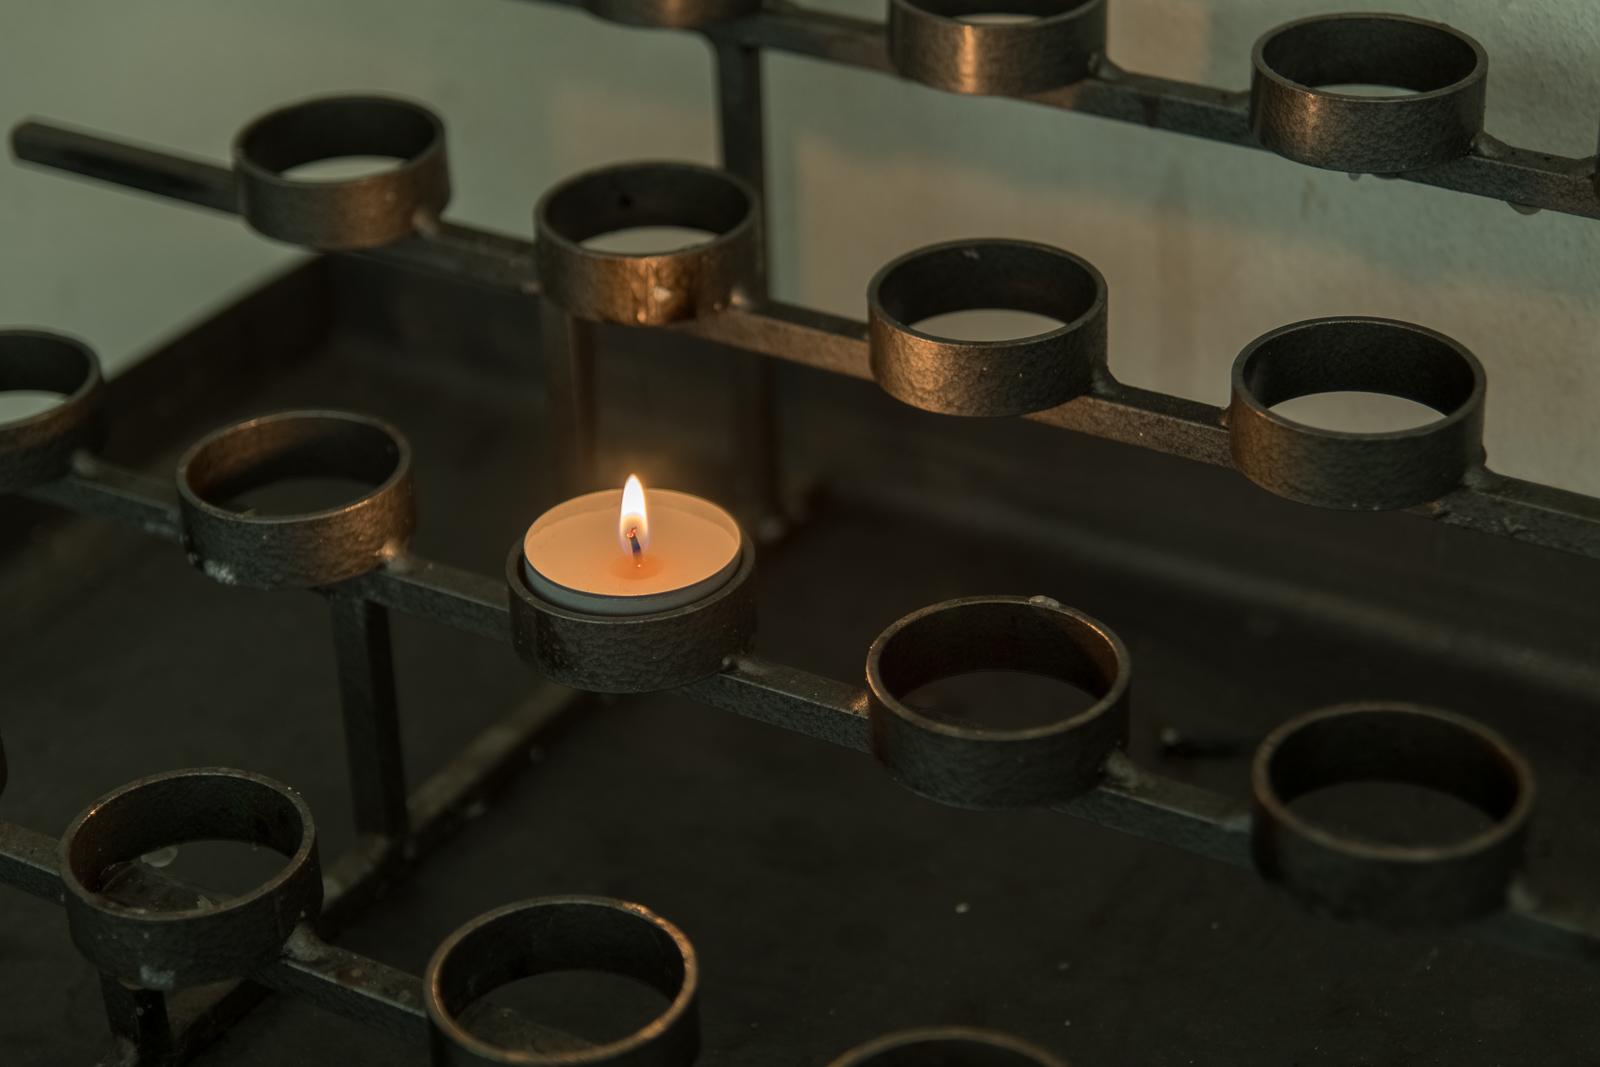 Kerzenopfer